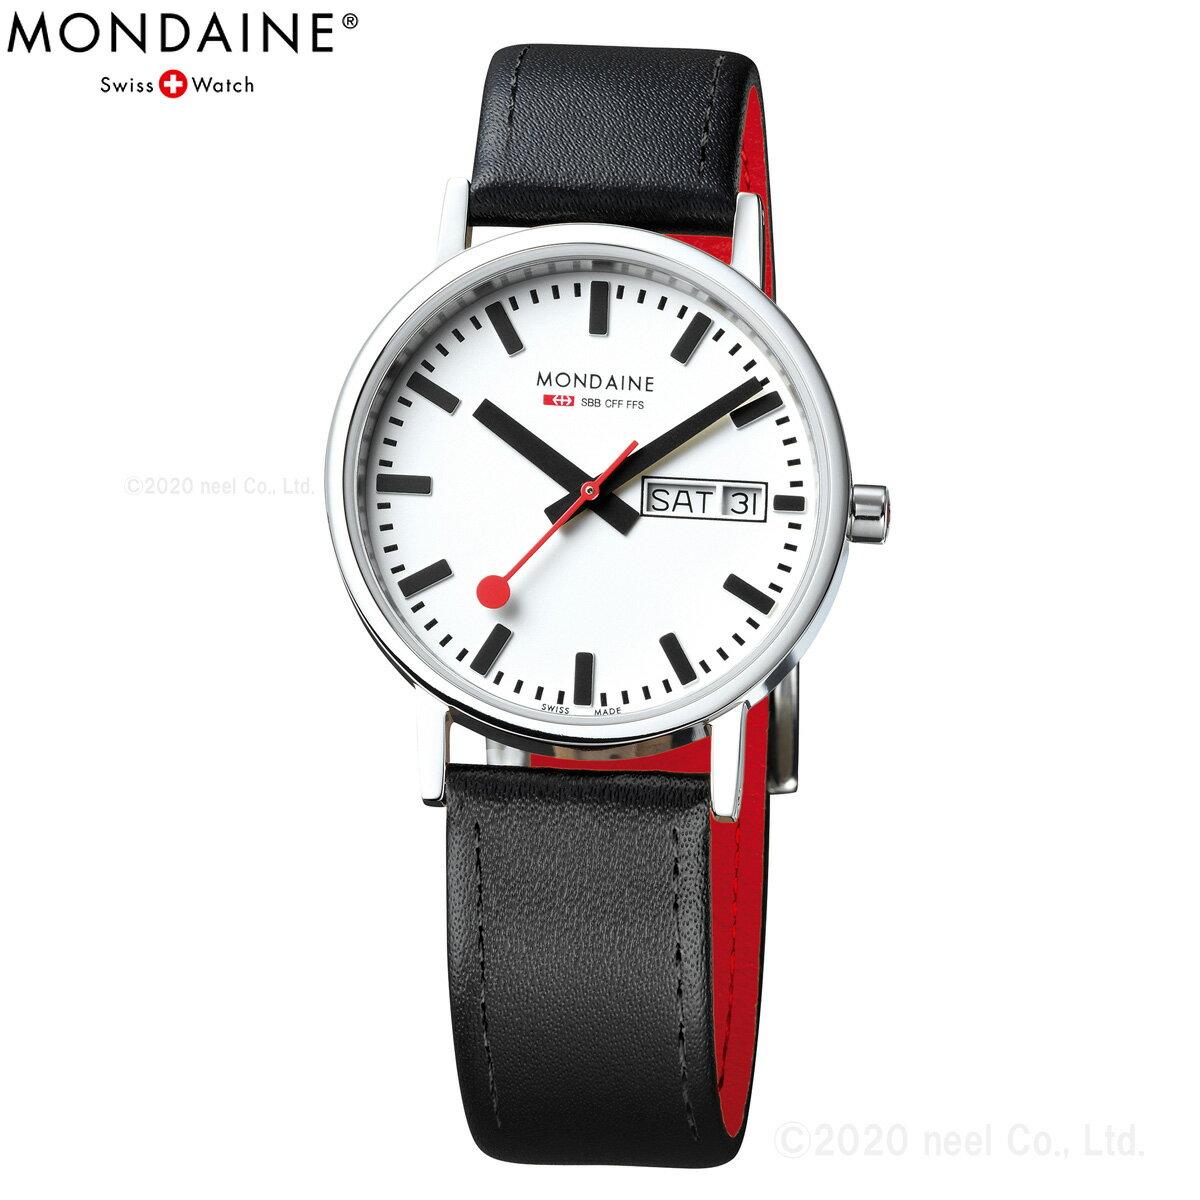 モンディーン MONDAINE 腕時計 ニュークラシック New Classic A667.30314.11SBB